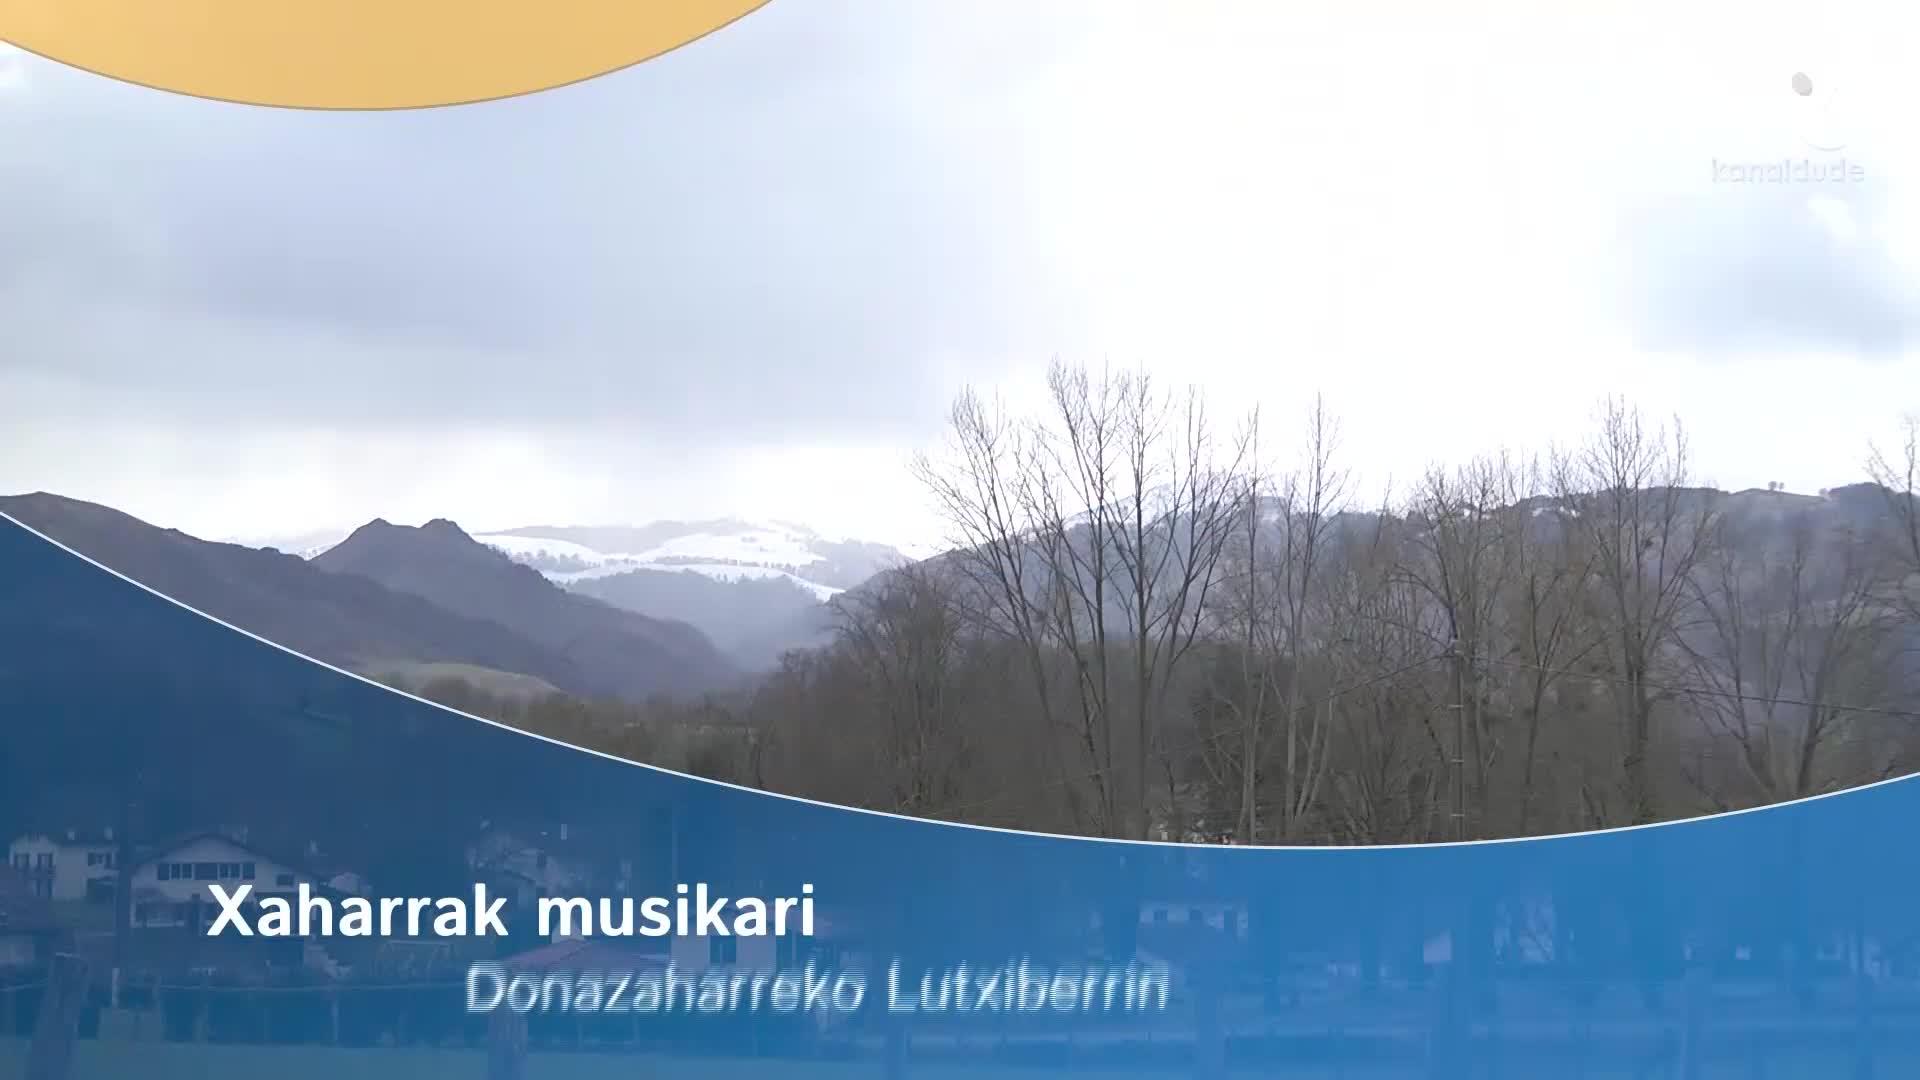 Xaharrak musikari Donazaharreko Lutxiberrin